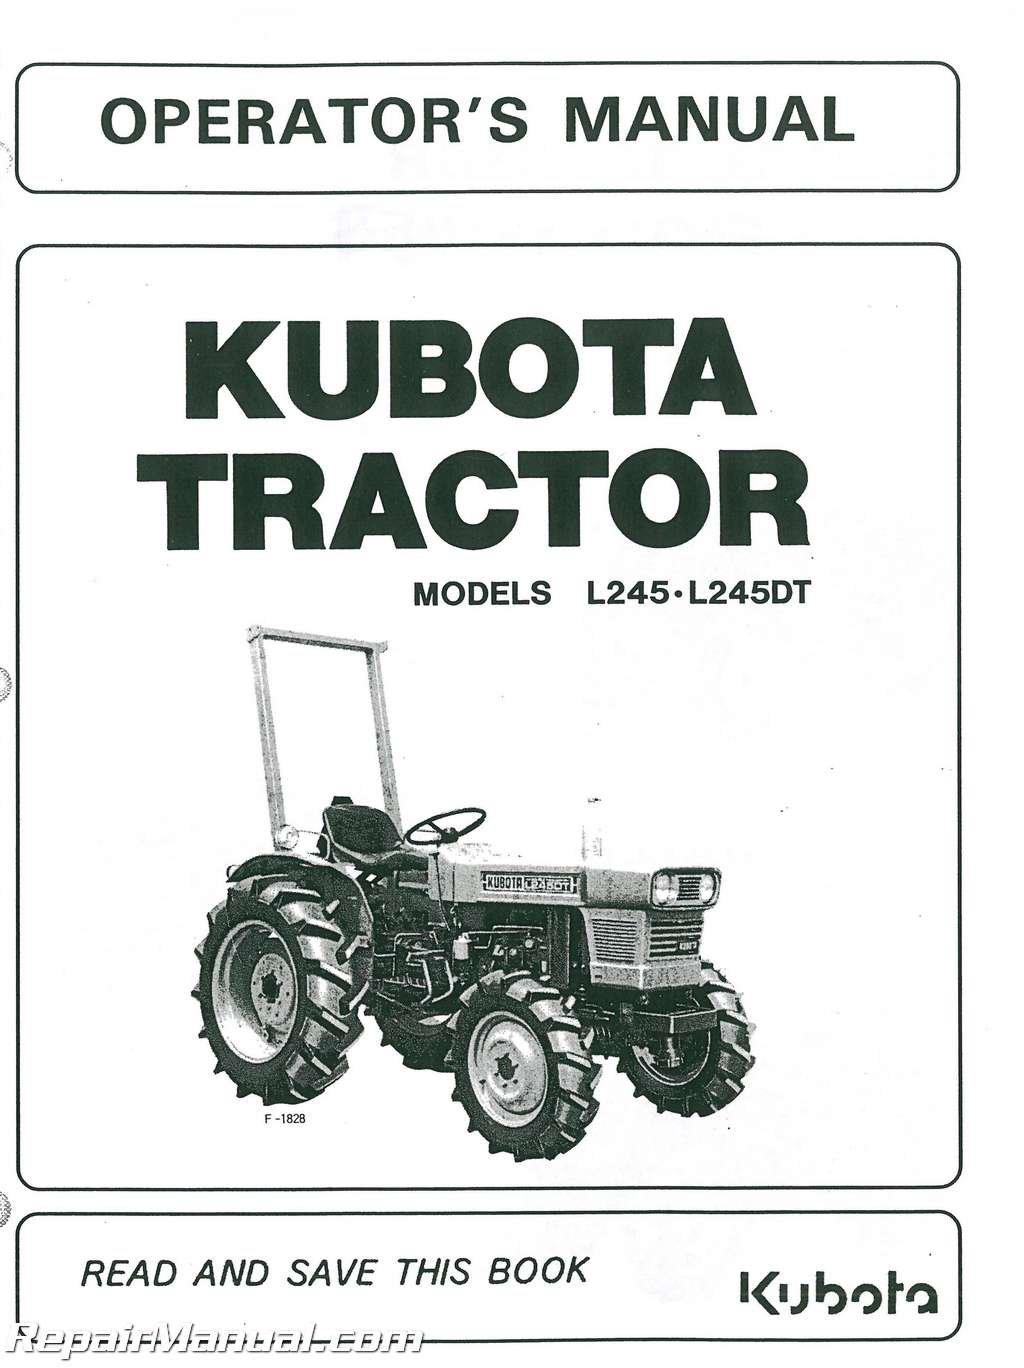 JS-KU-O-L245-PLUS Kubota L245 L245DT Operators Manual: Manufacturer:  Amazon.com: Books